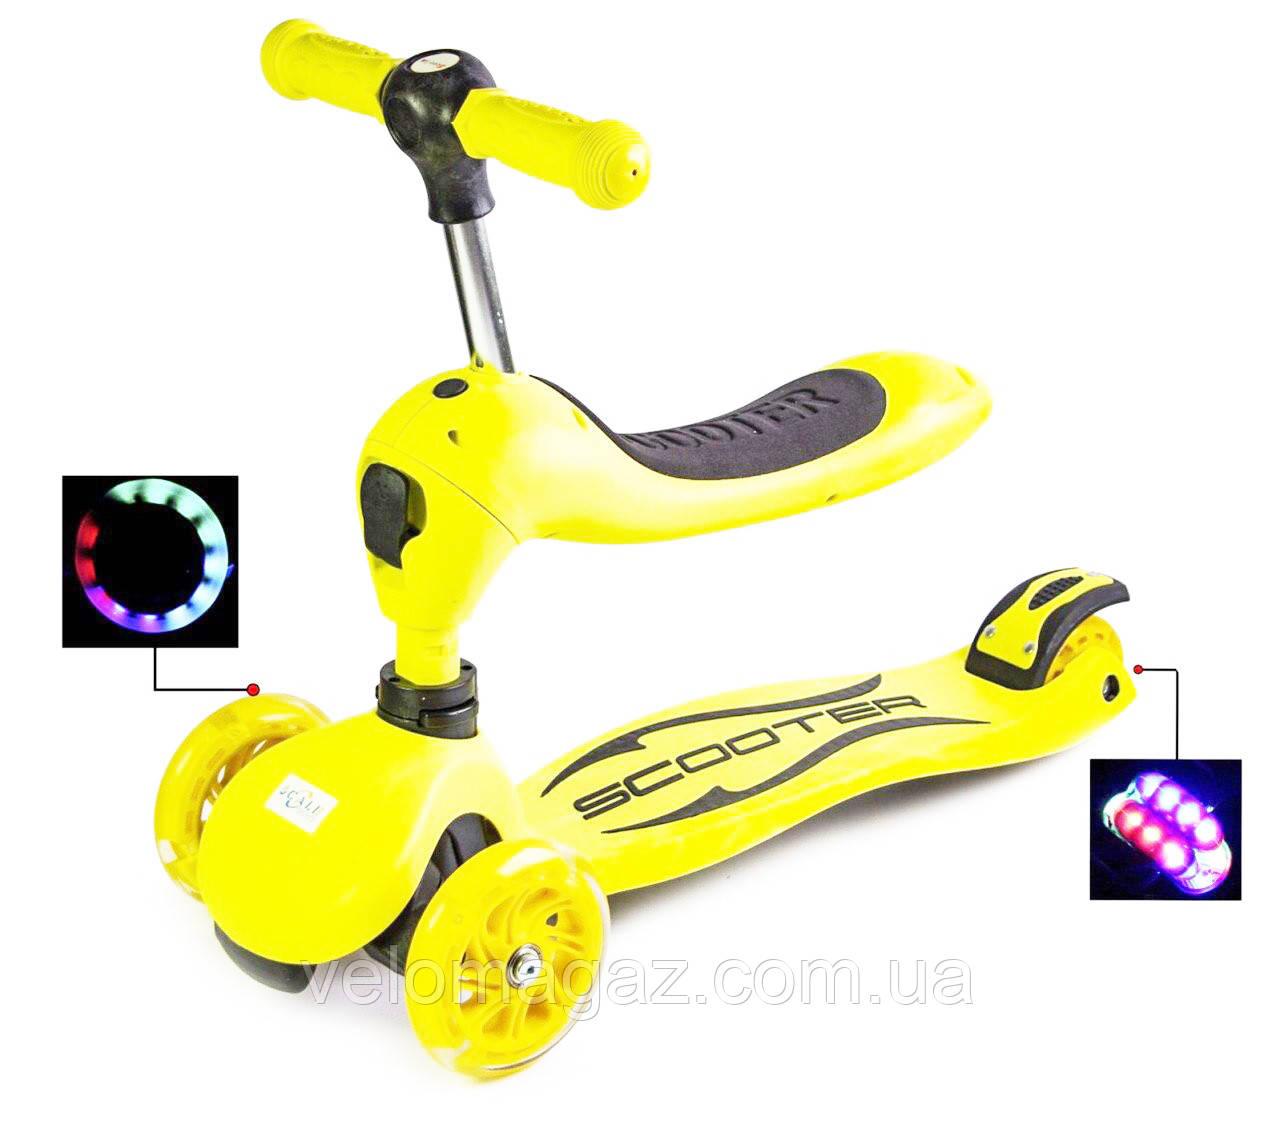 Самокат-беговел (трансформер), SCALE SPORTS, светящиеся колеса, желтый